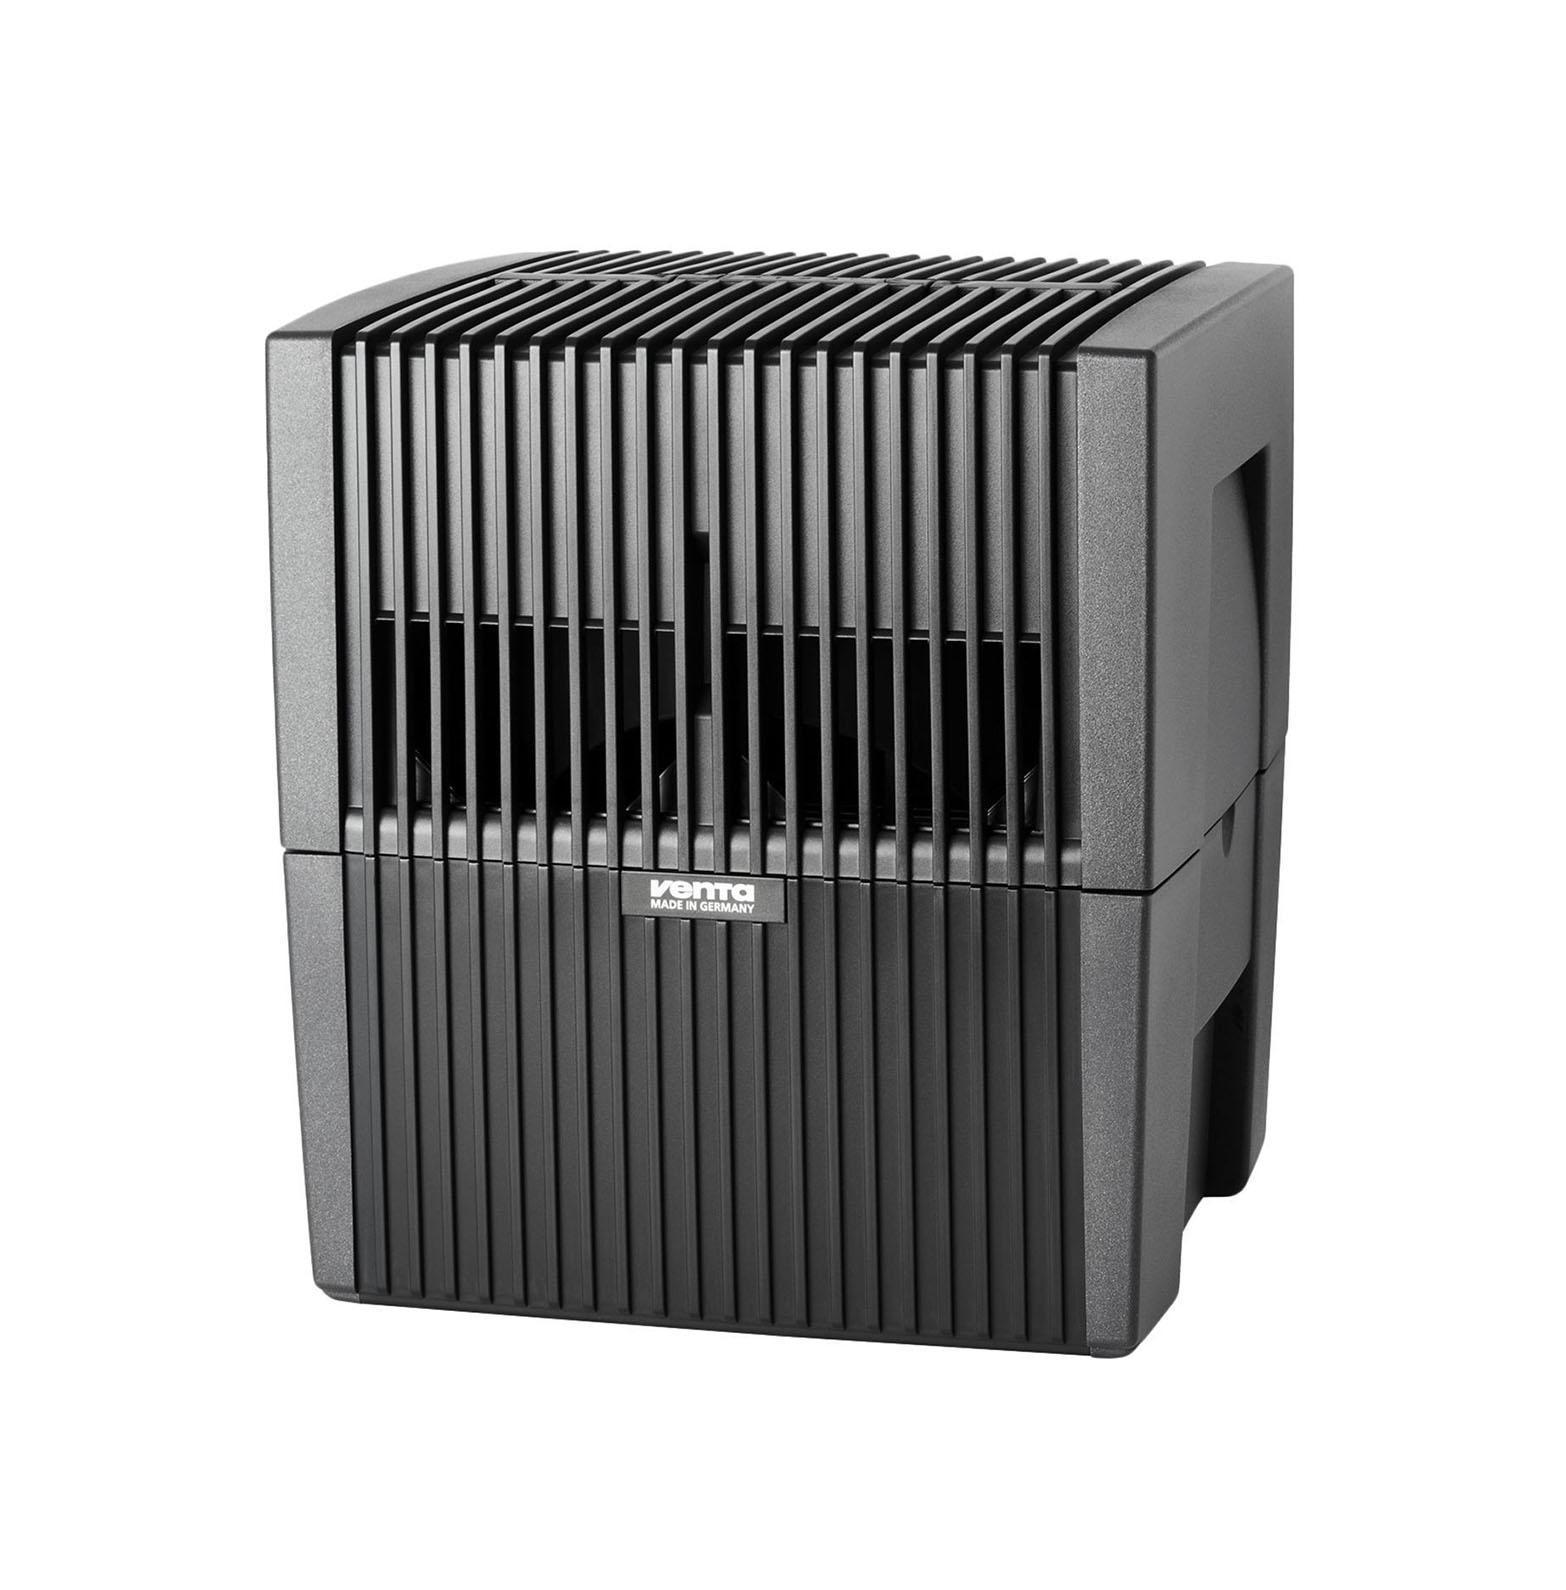 Venta LW 25, Black мойка воздуха очиститель и увлажнитель воздуха venta lw15 white